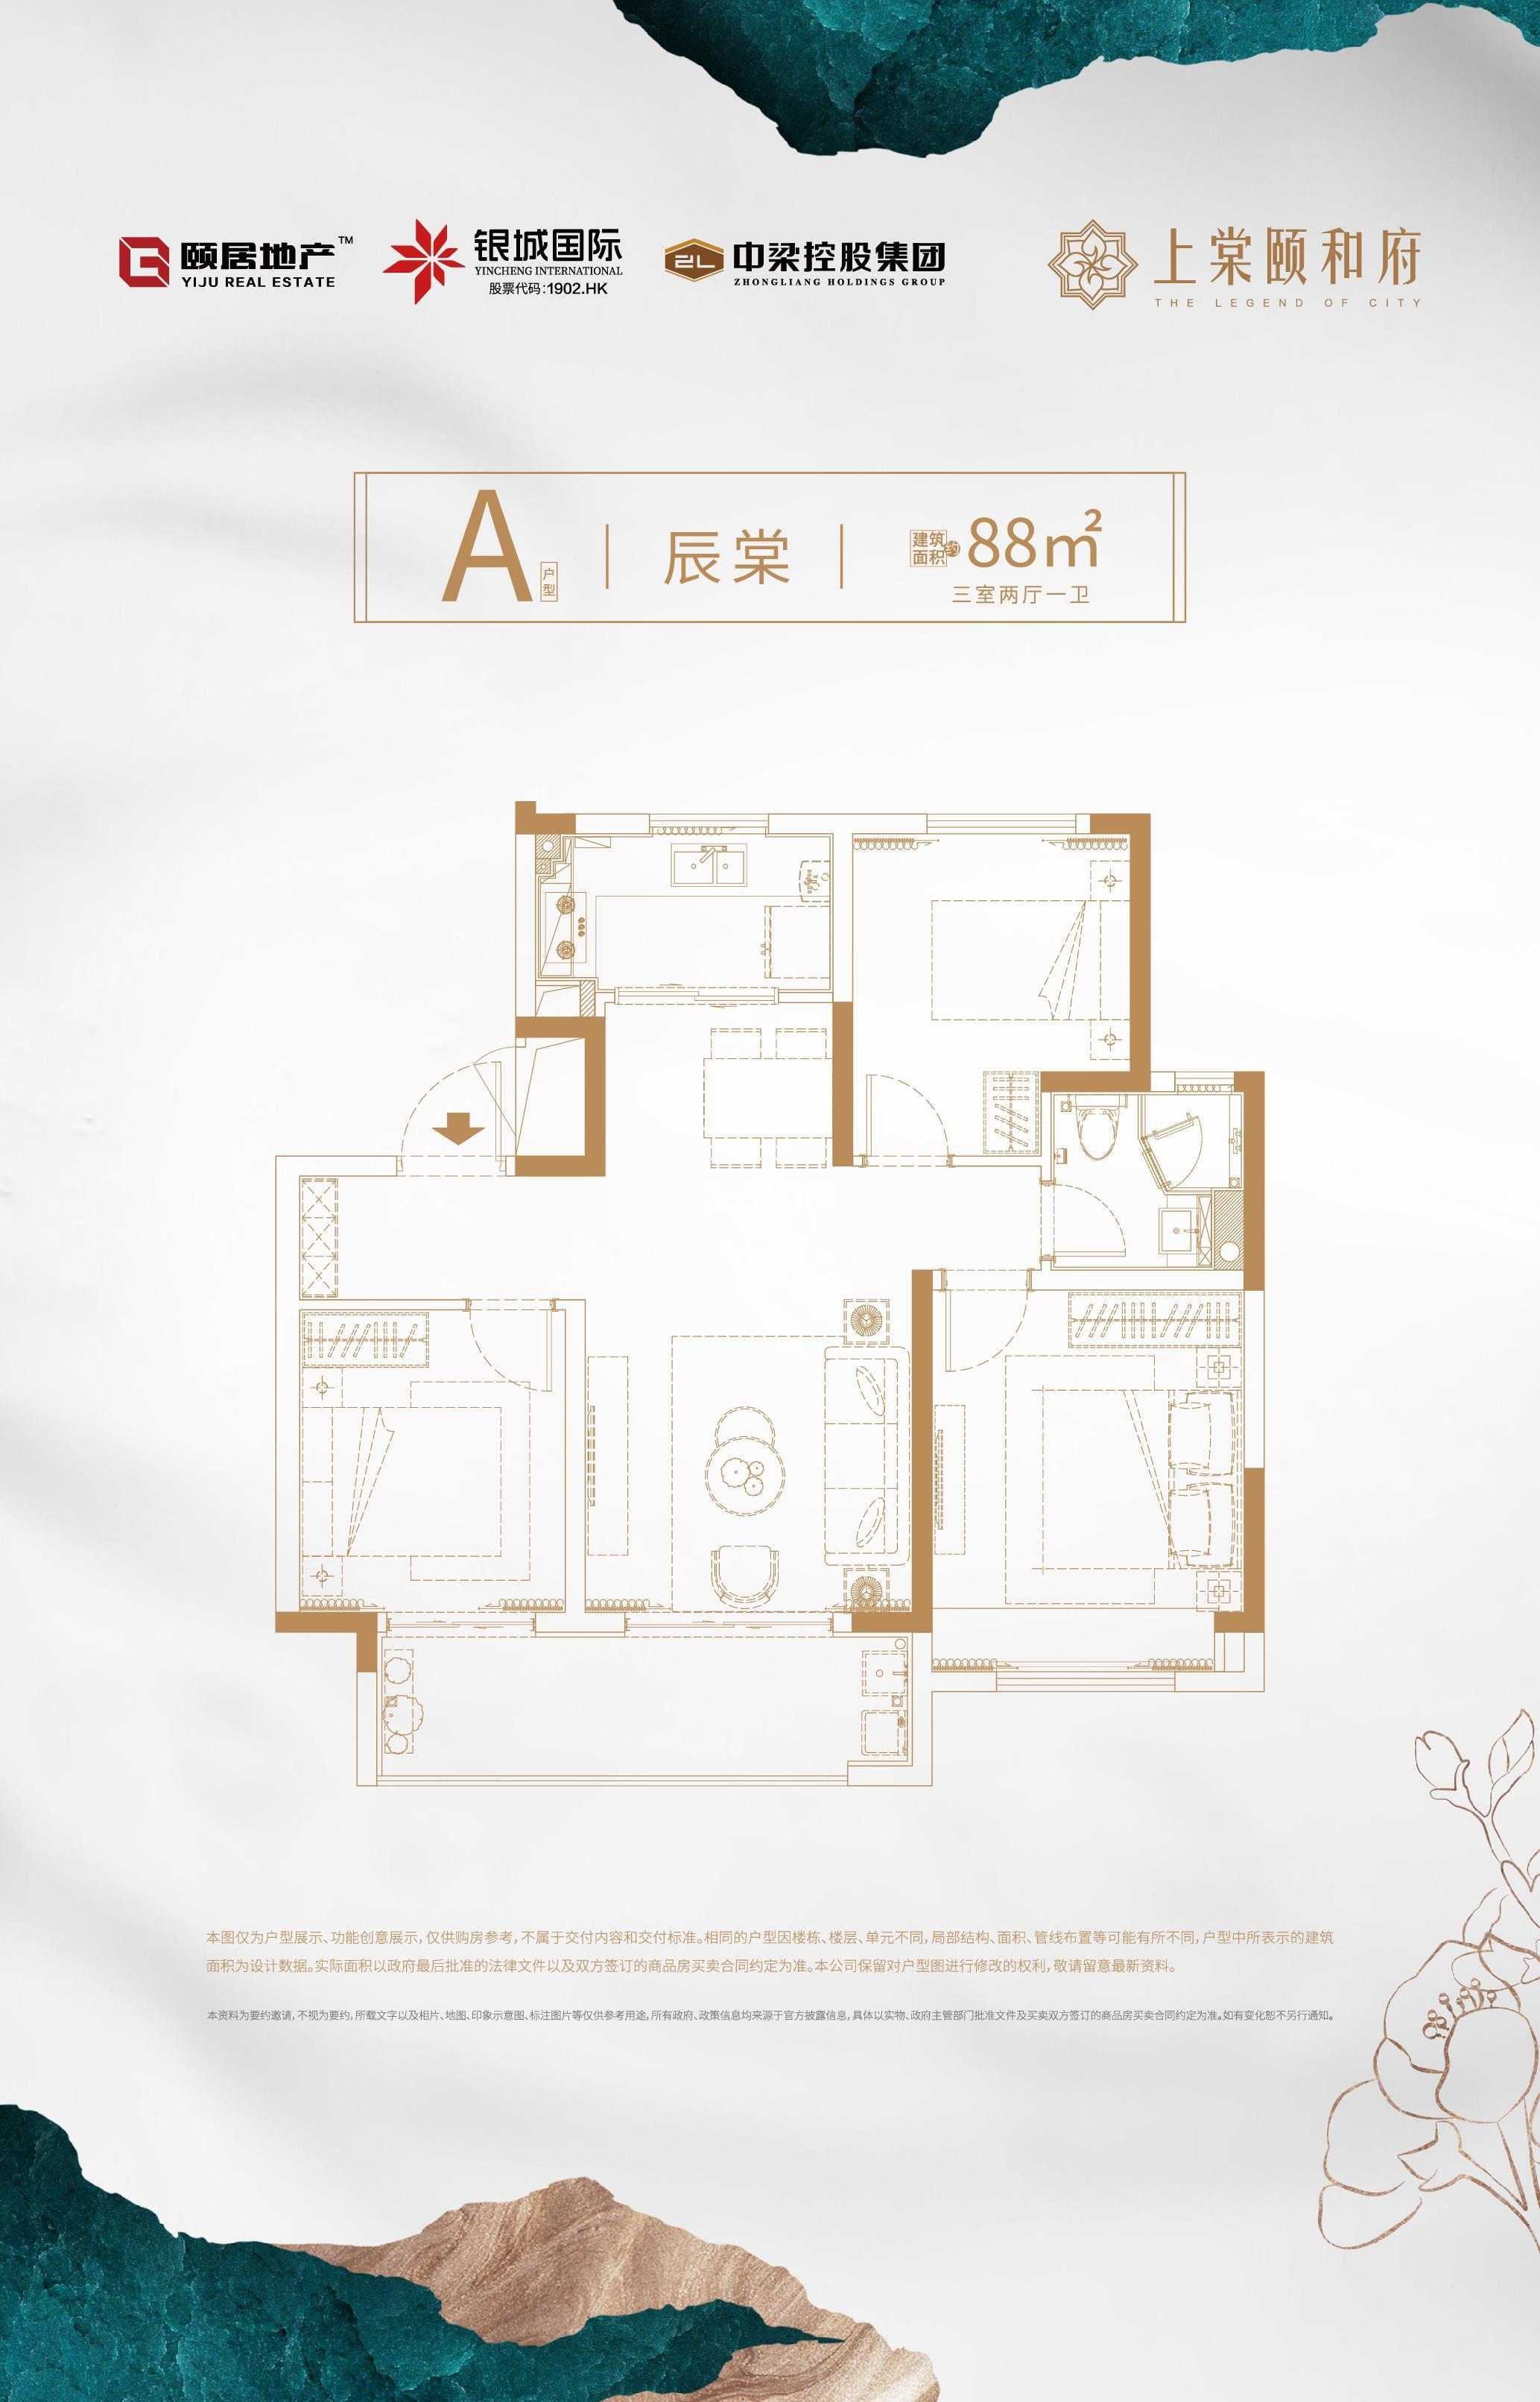 上棠颐和府户型图